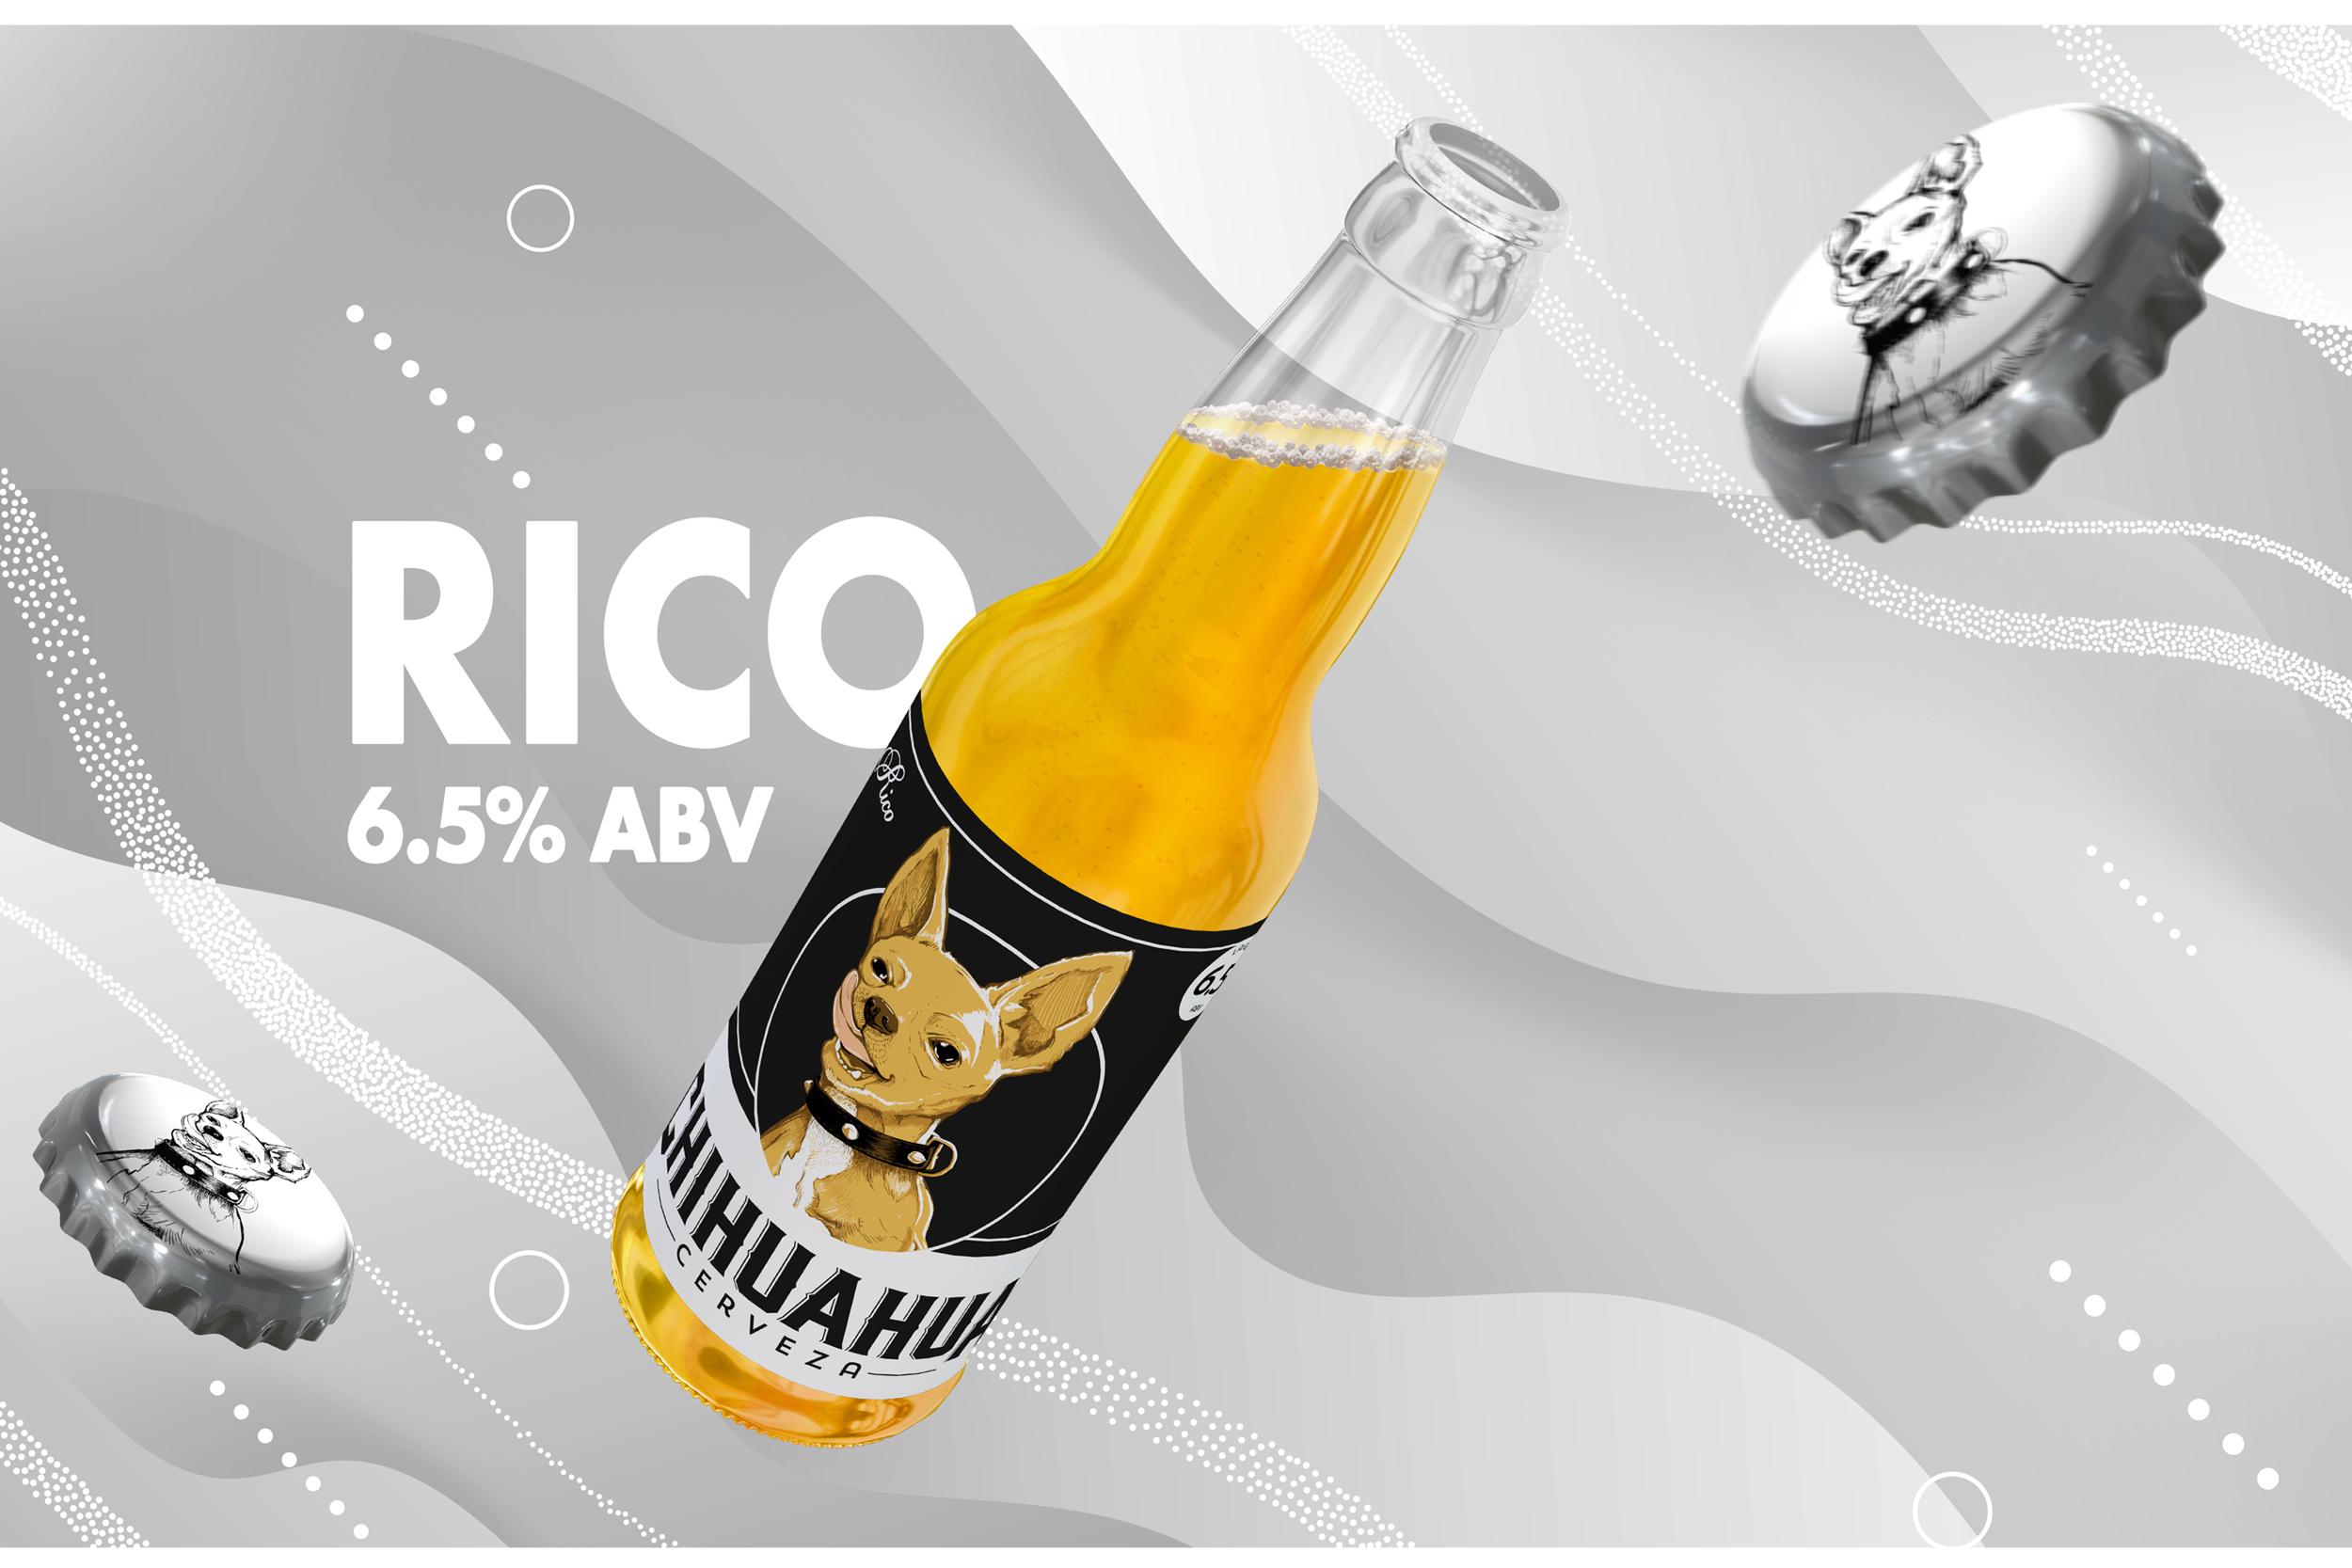 negro_beer-banner.jpg